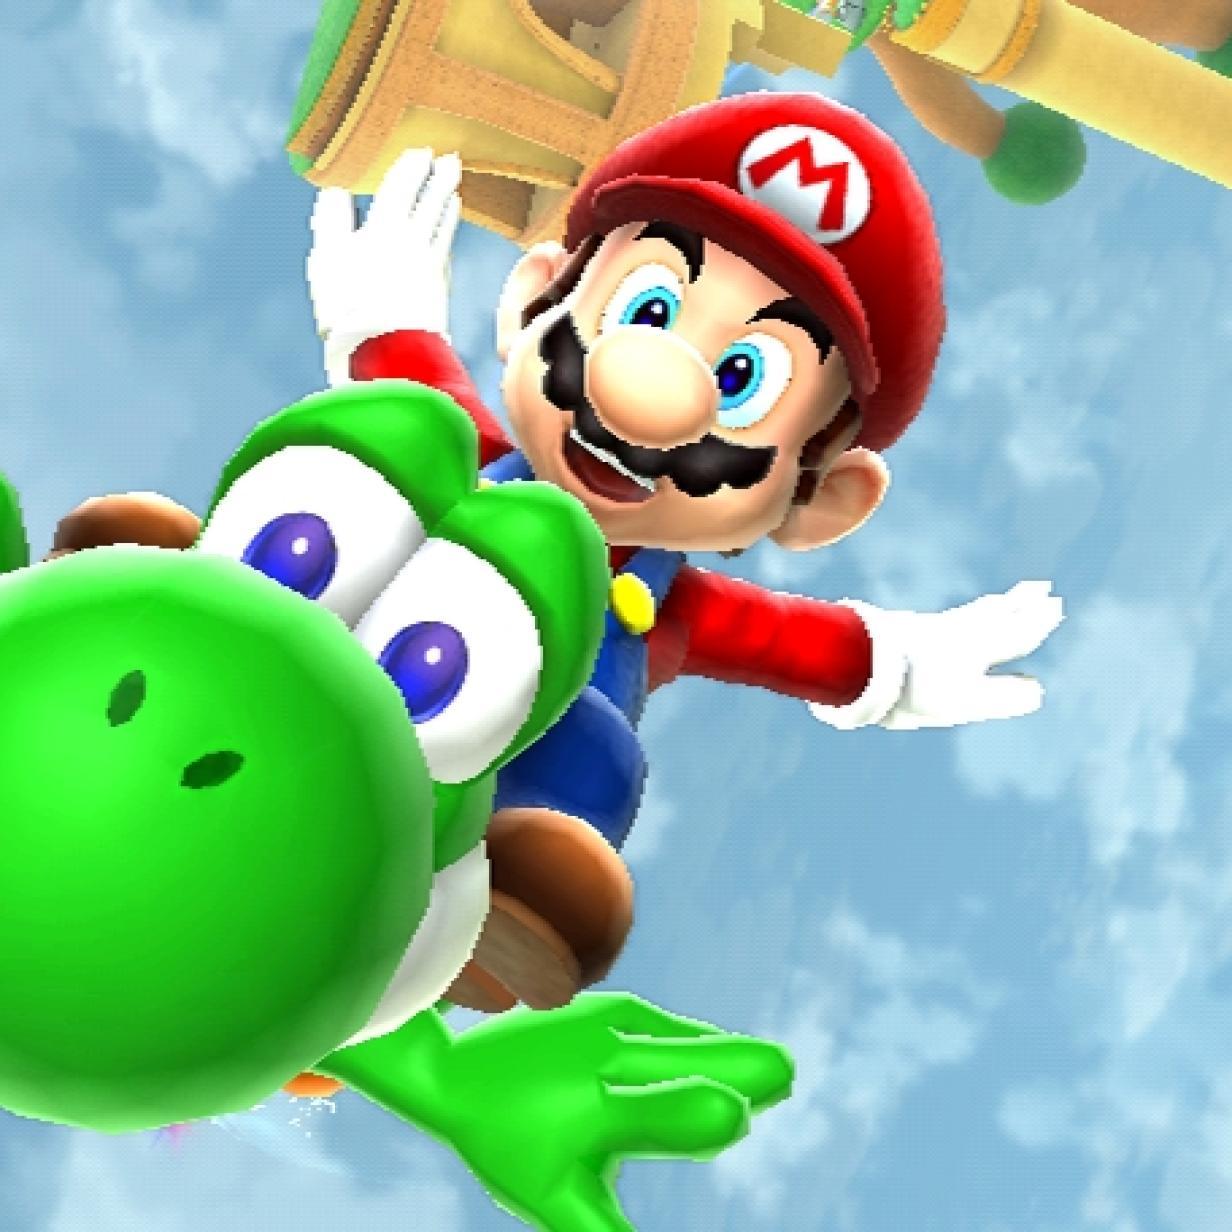 Das sind laut Metacritic die besten Videospiele des Jahrzehnts